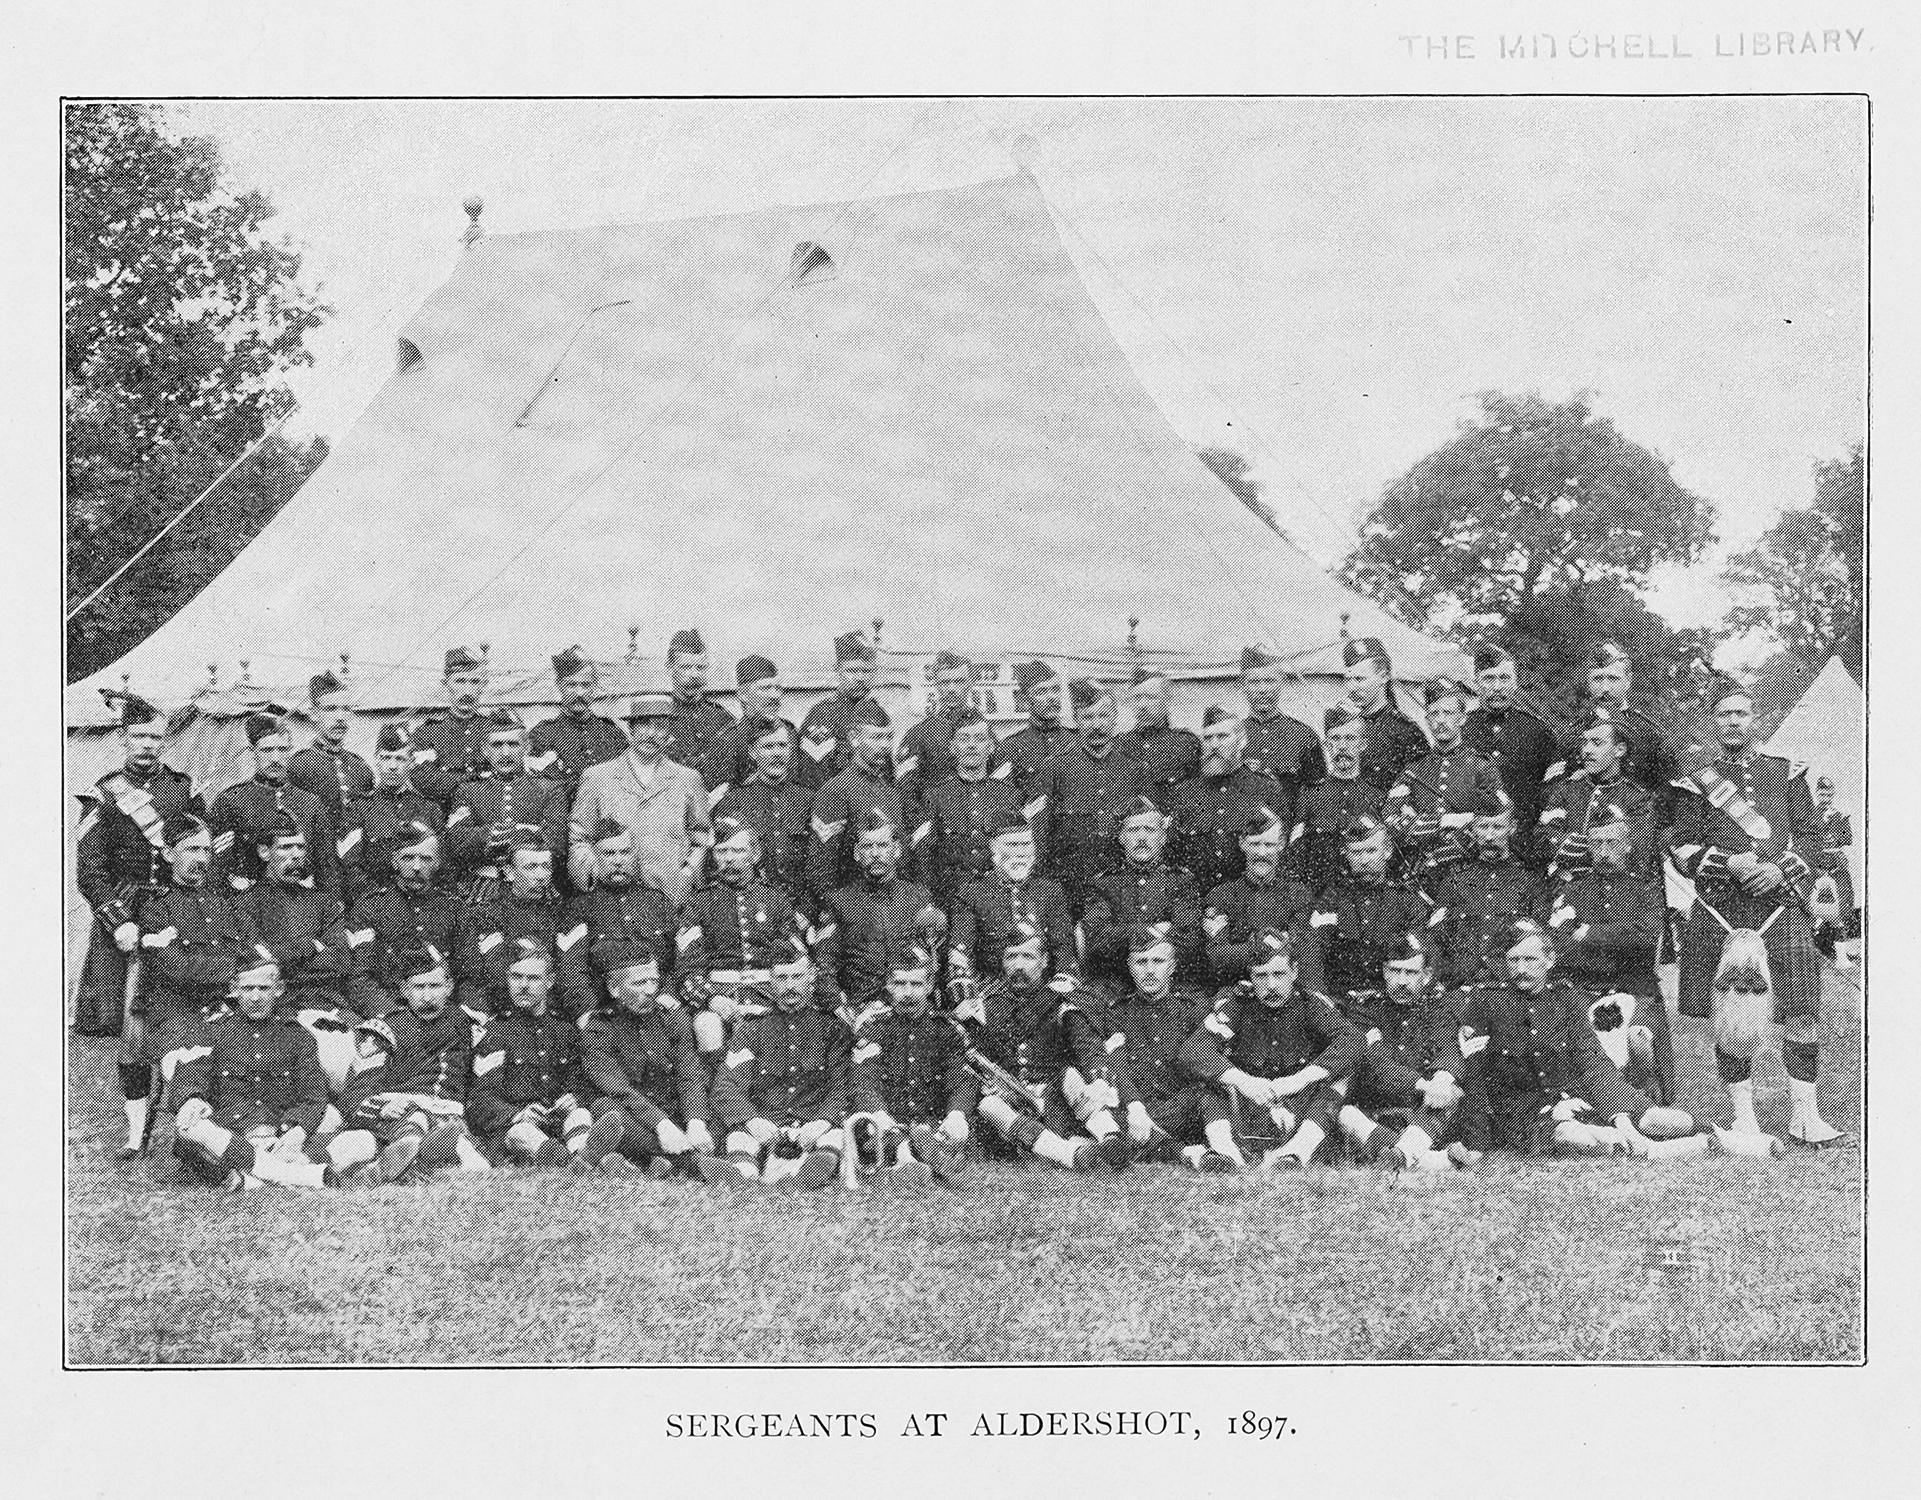 8. THE PIBROCH VOL1 NO3 DEC 1897 P31 THE REGIMENT AT ALDERSHOT (002)